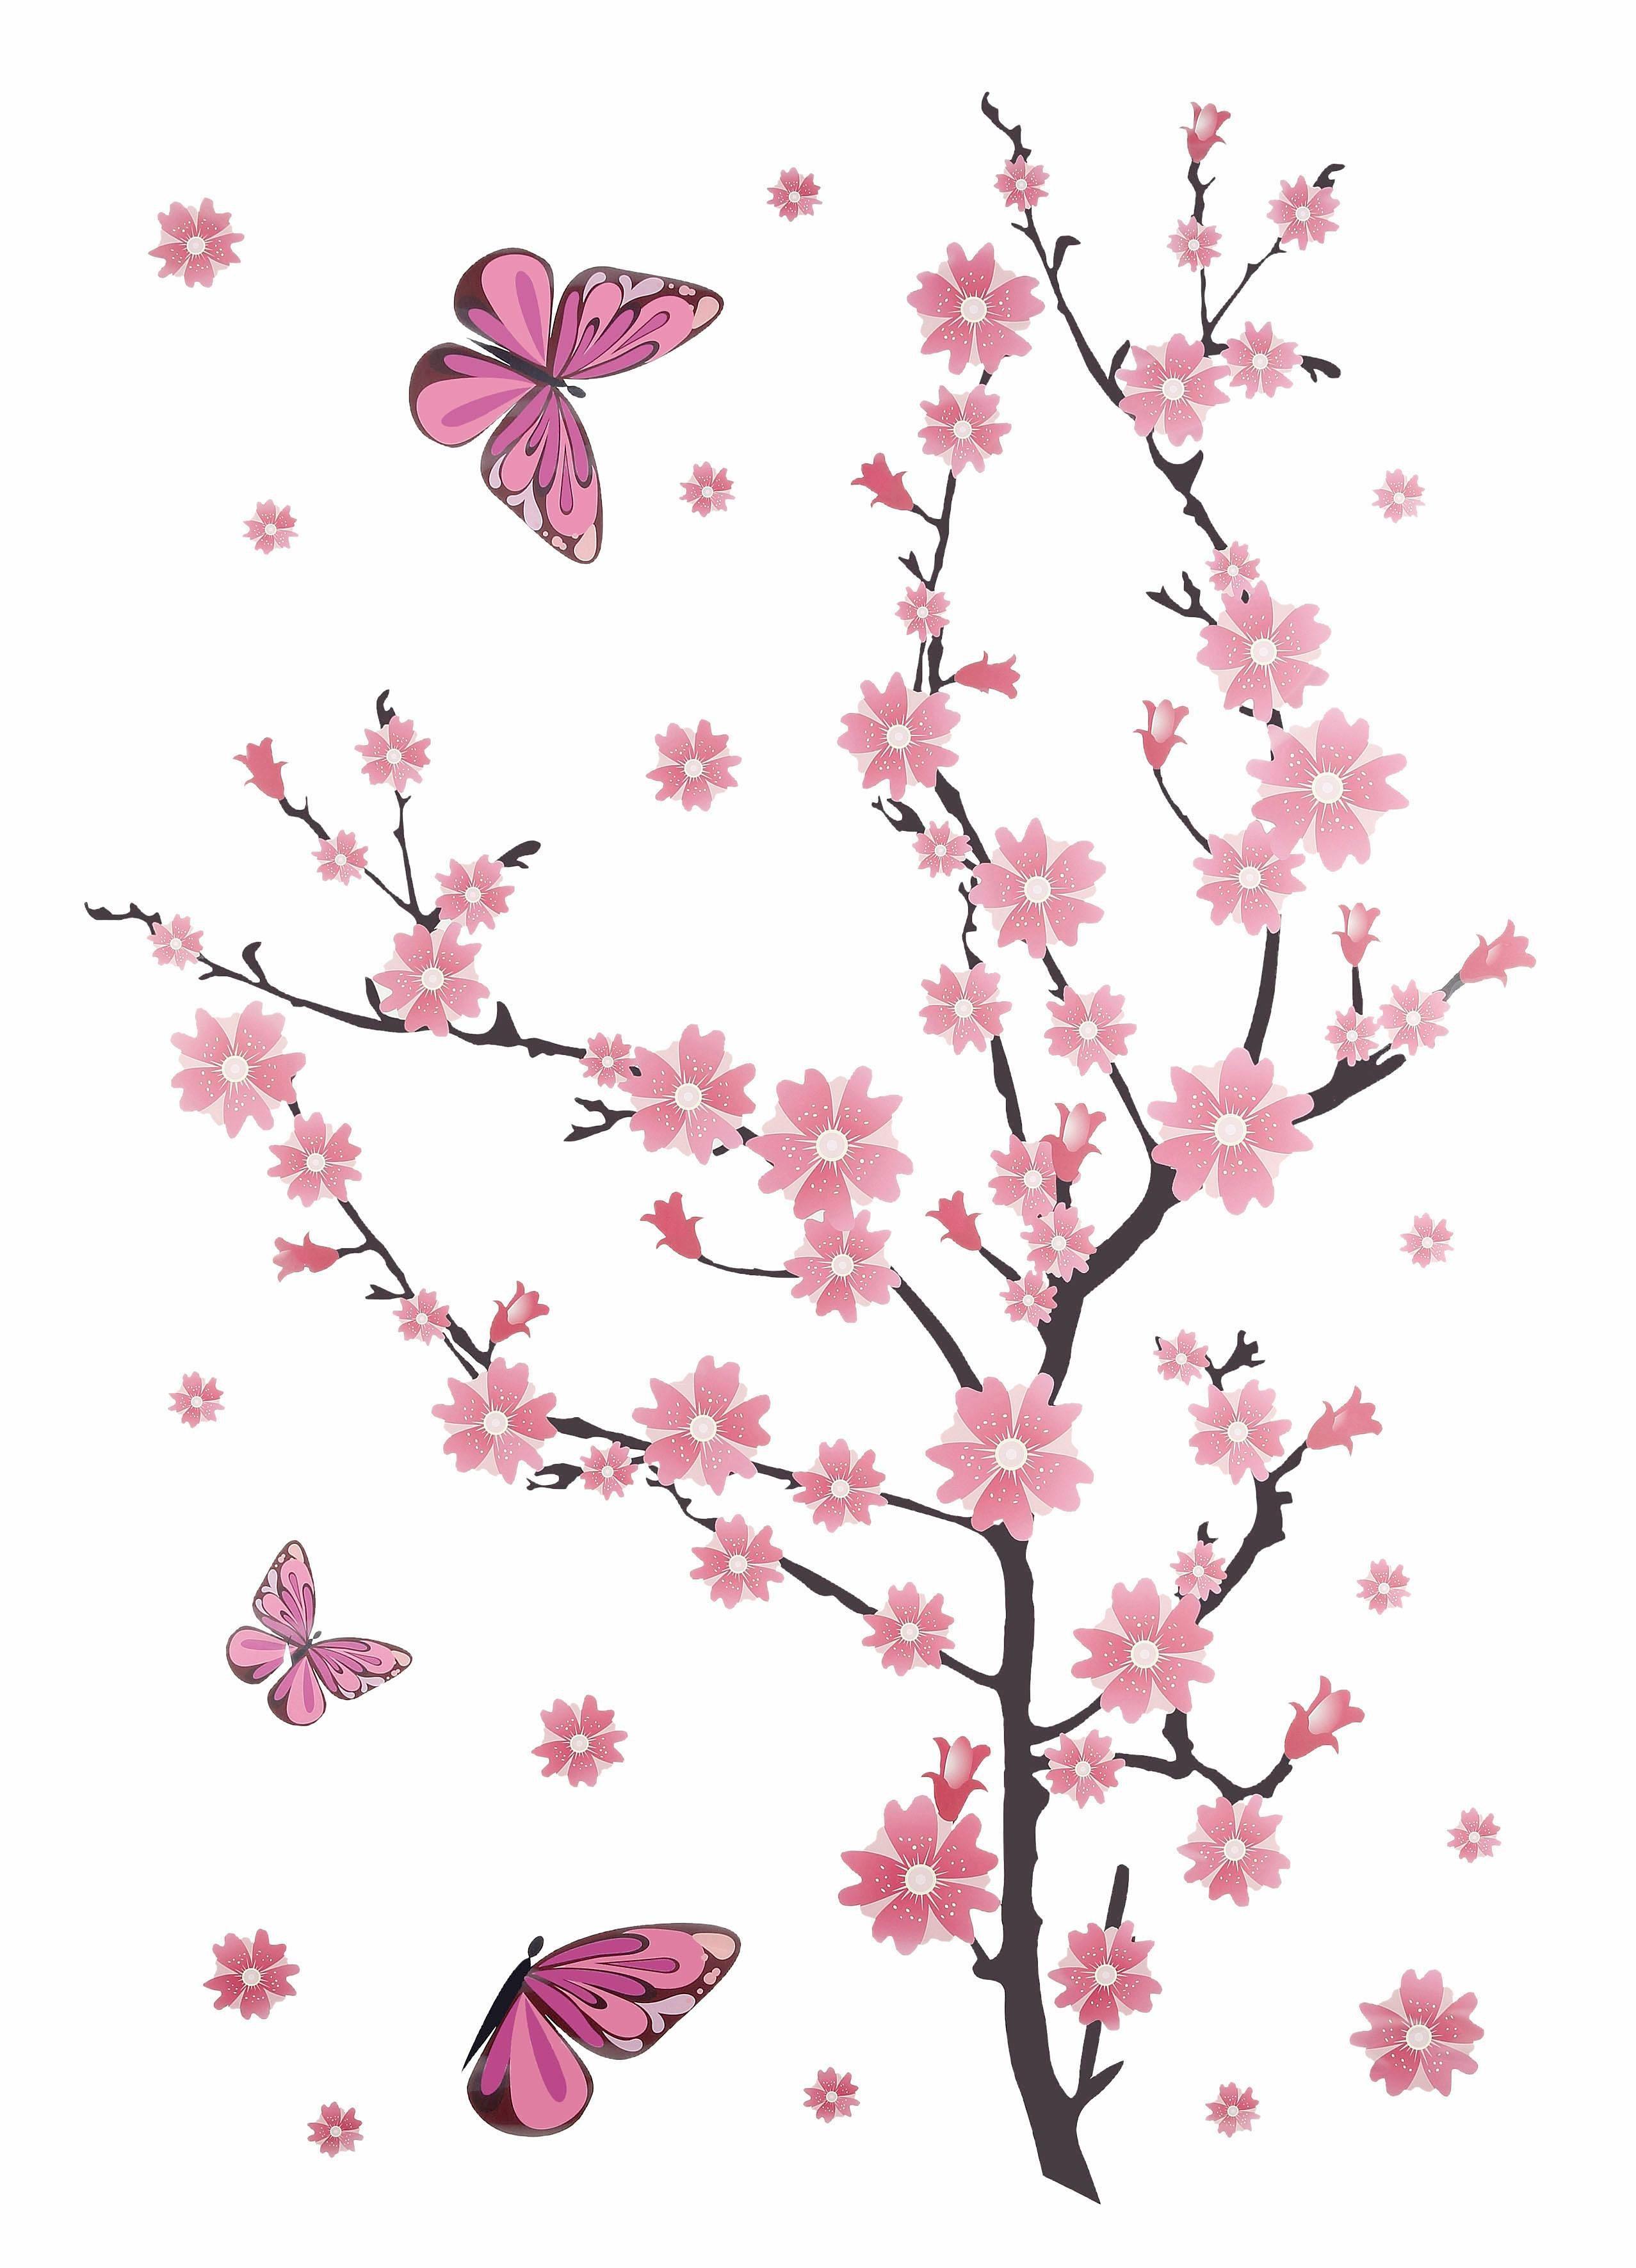 Wandsticker, Home affaire, »Kirschblüten mit Schmetterlingen«   Dekoration > Wandtattoos > Wandtattoos   Home affaire